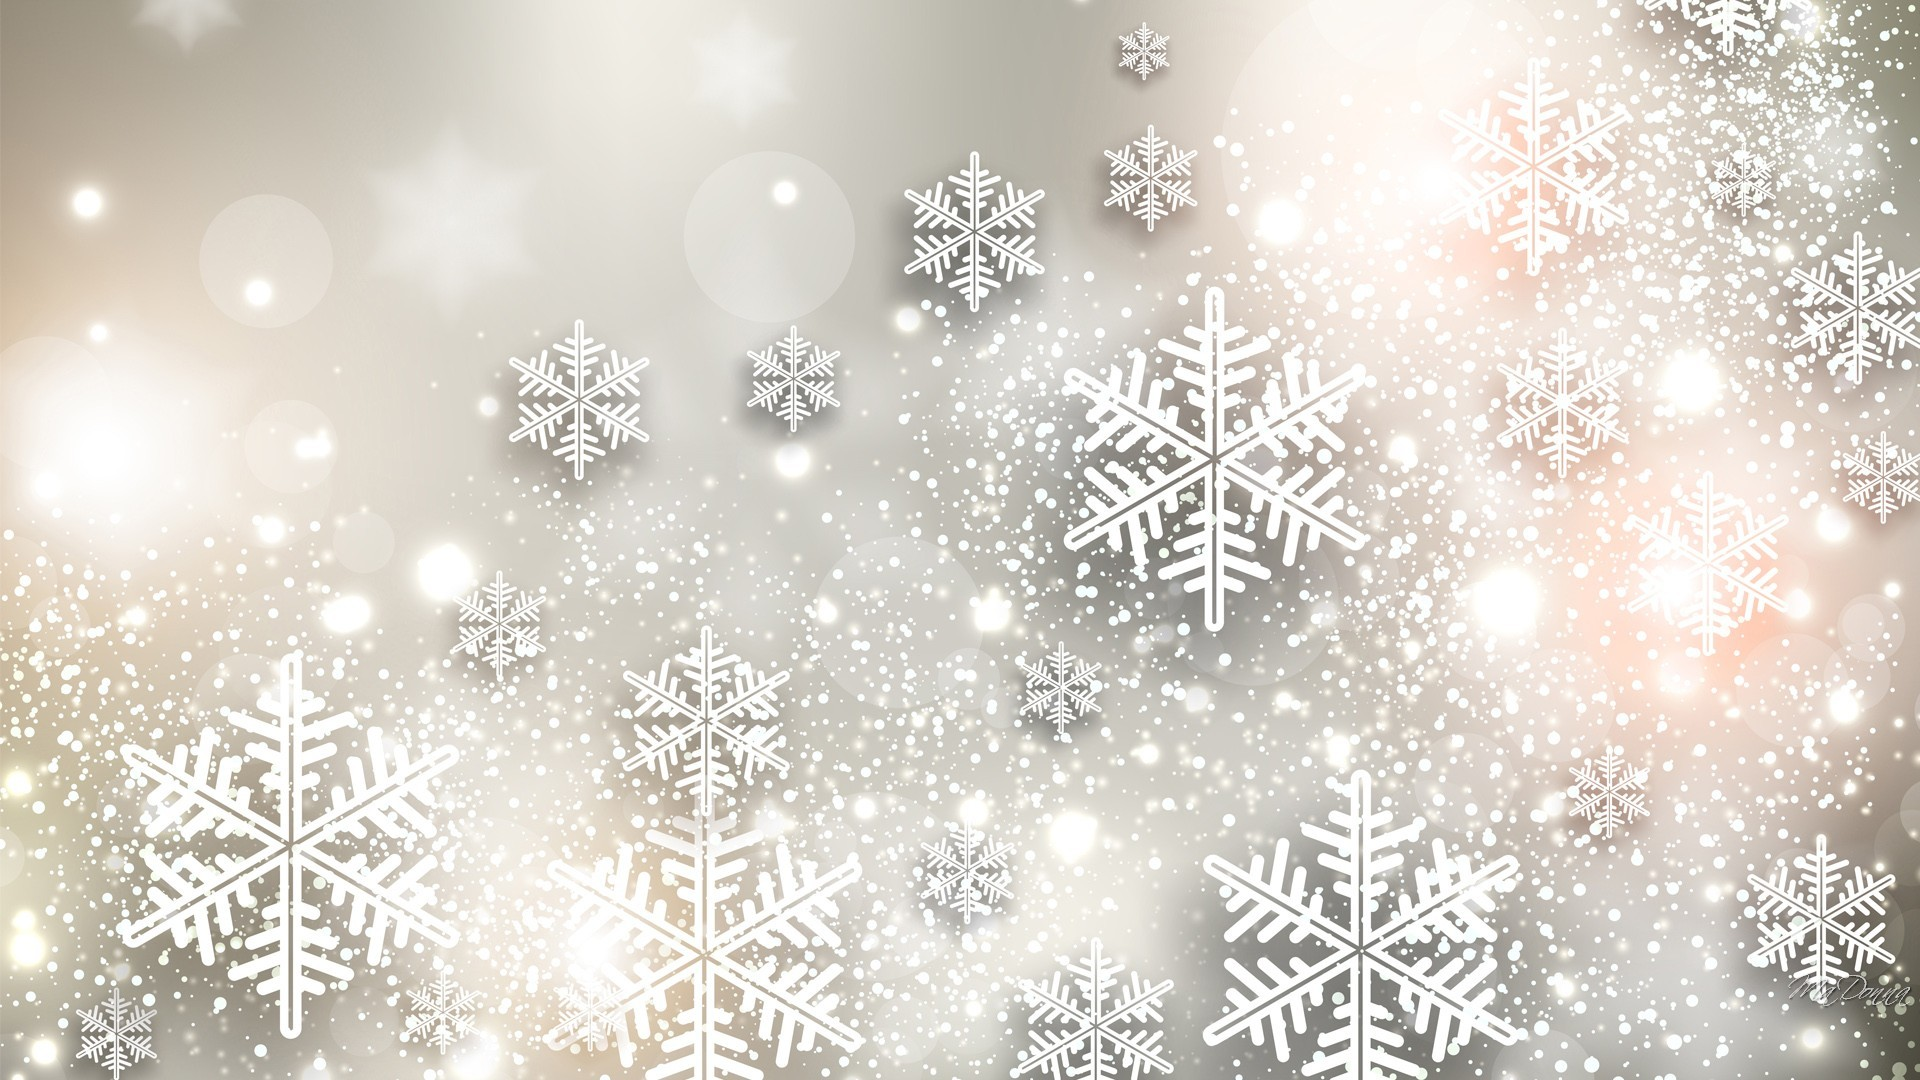 Artistisk – Snowflake Artistisk Snow Bakgrund